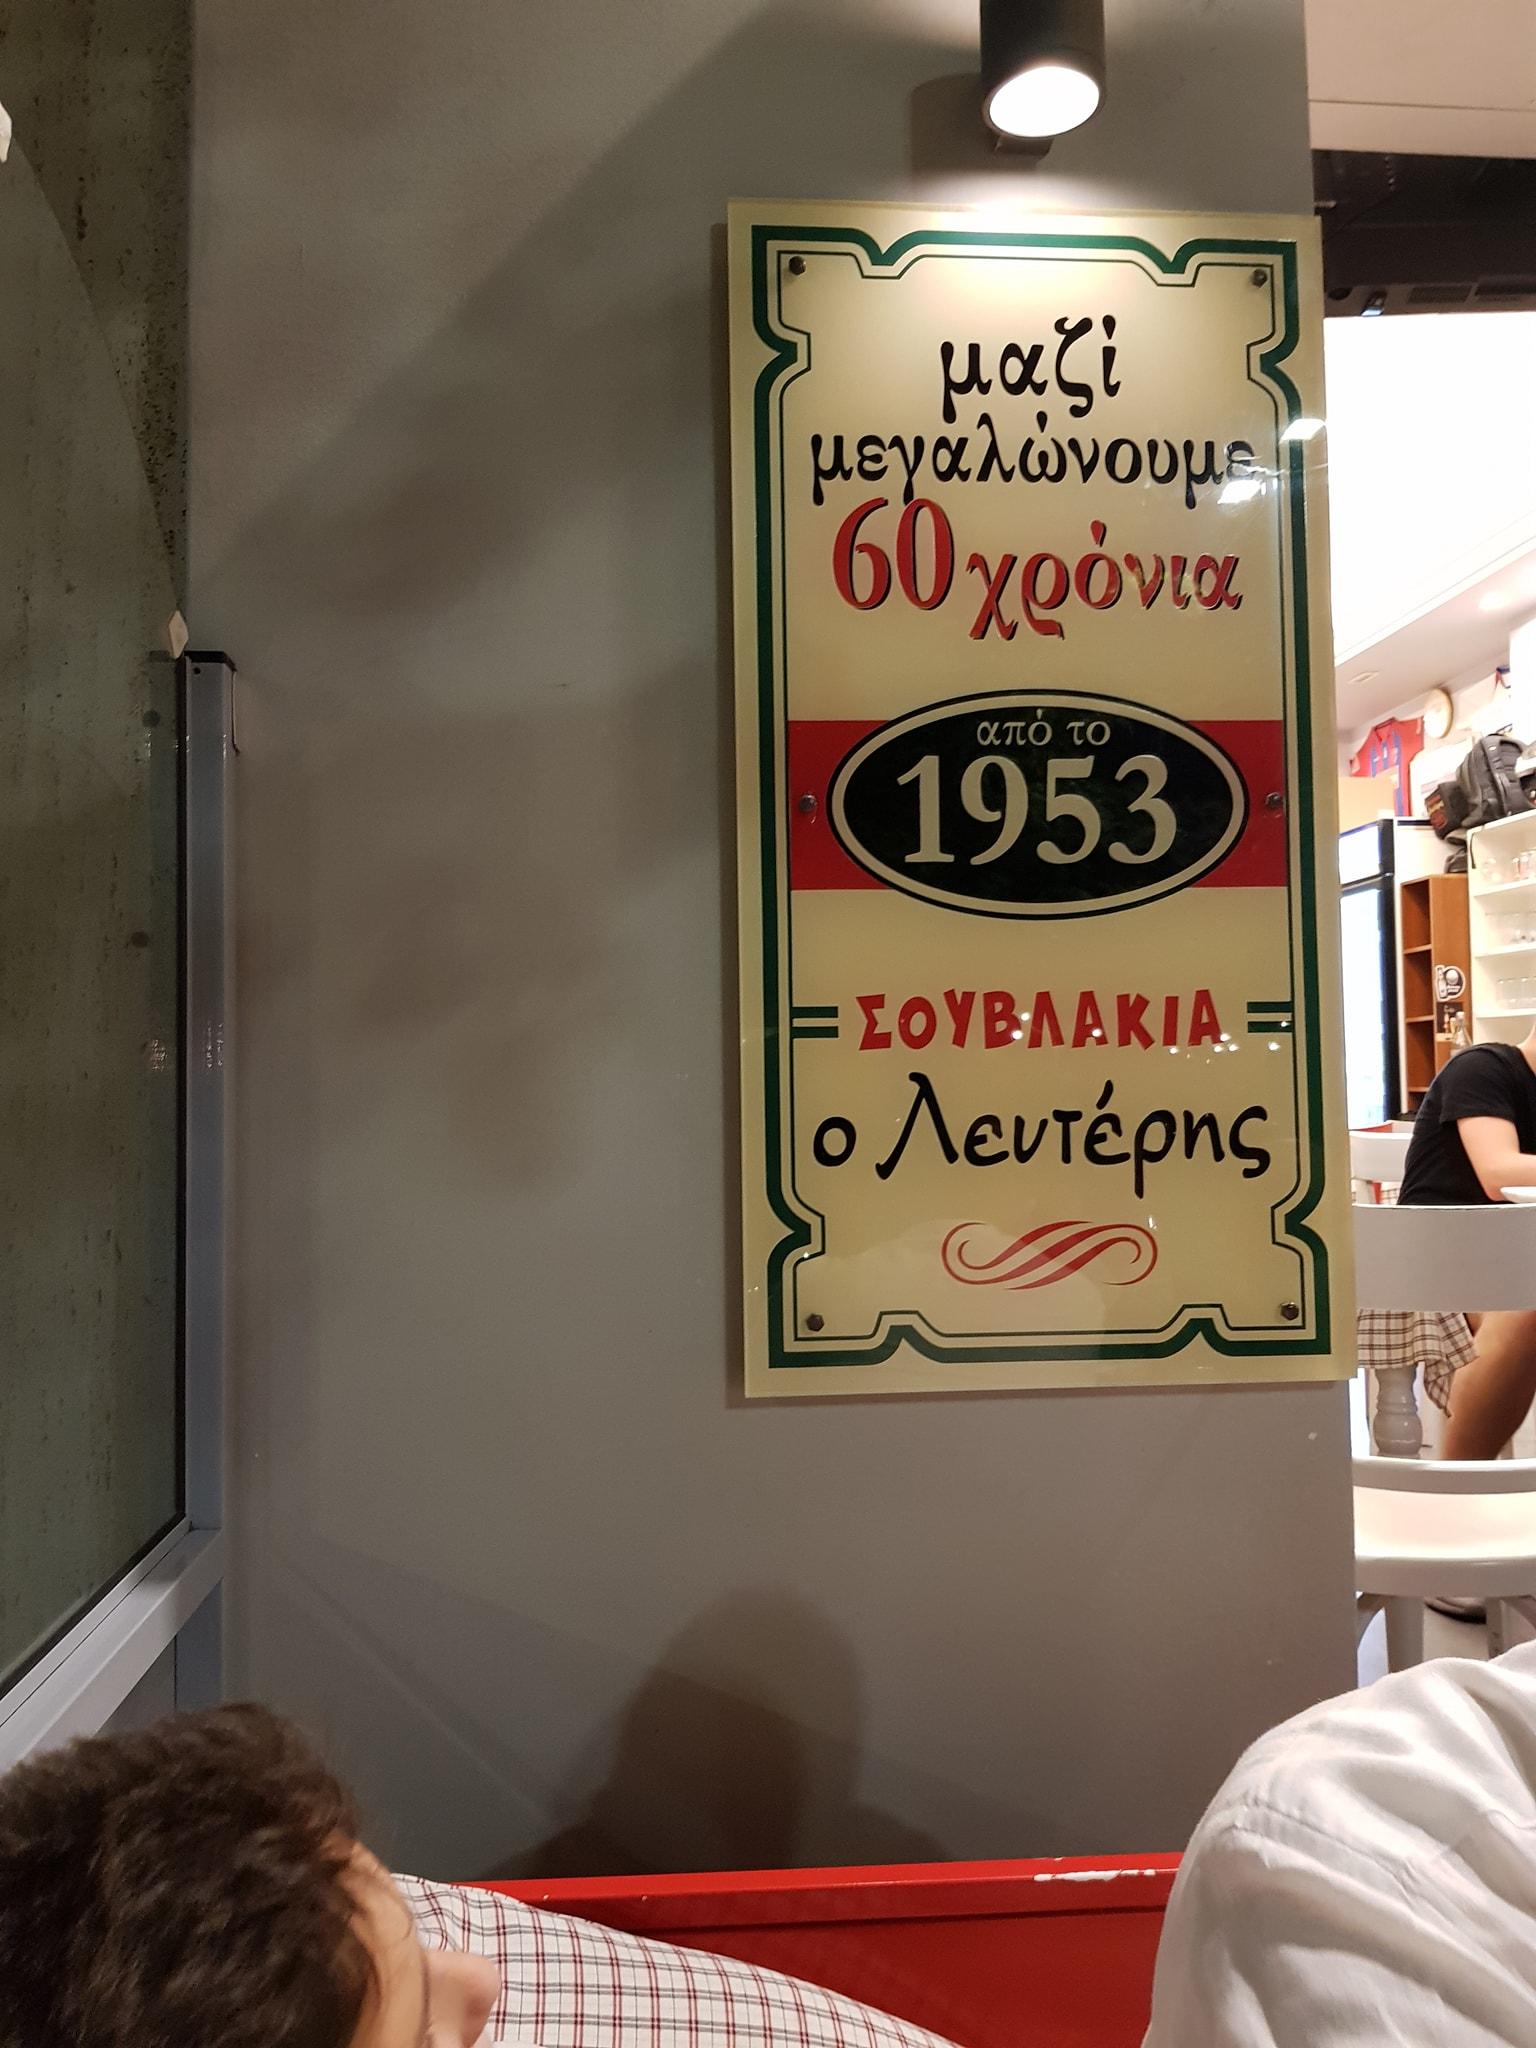 Ο Λευτέρης: Το καλύτερο παραδοσιακό σουβλακι, θα το βρες στη Νέα Σμύρνη